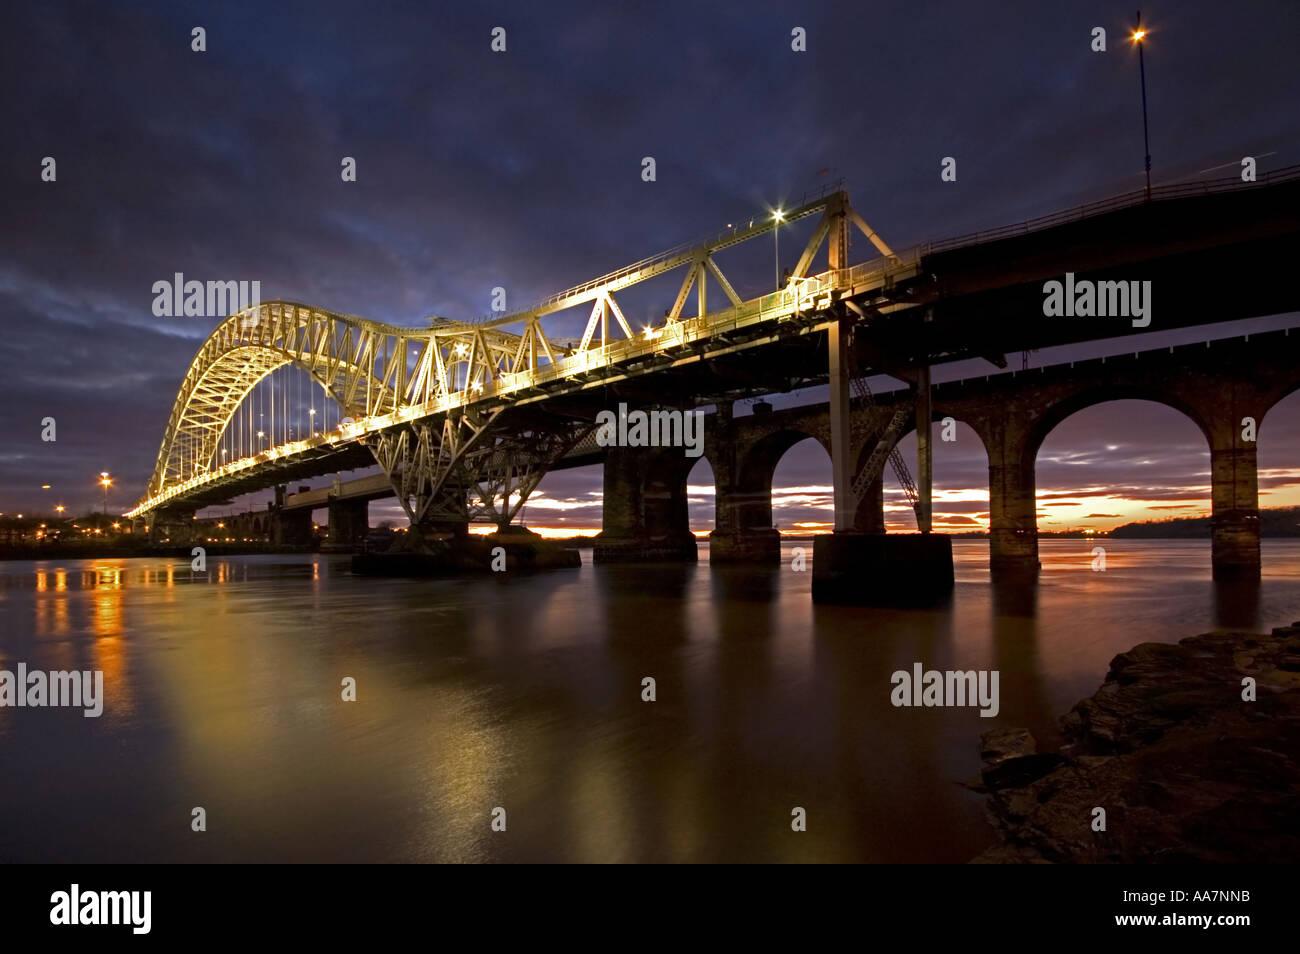 Runcorn Bridge at Sunset Runcorn Cheshire UK - Stock Image